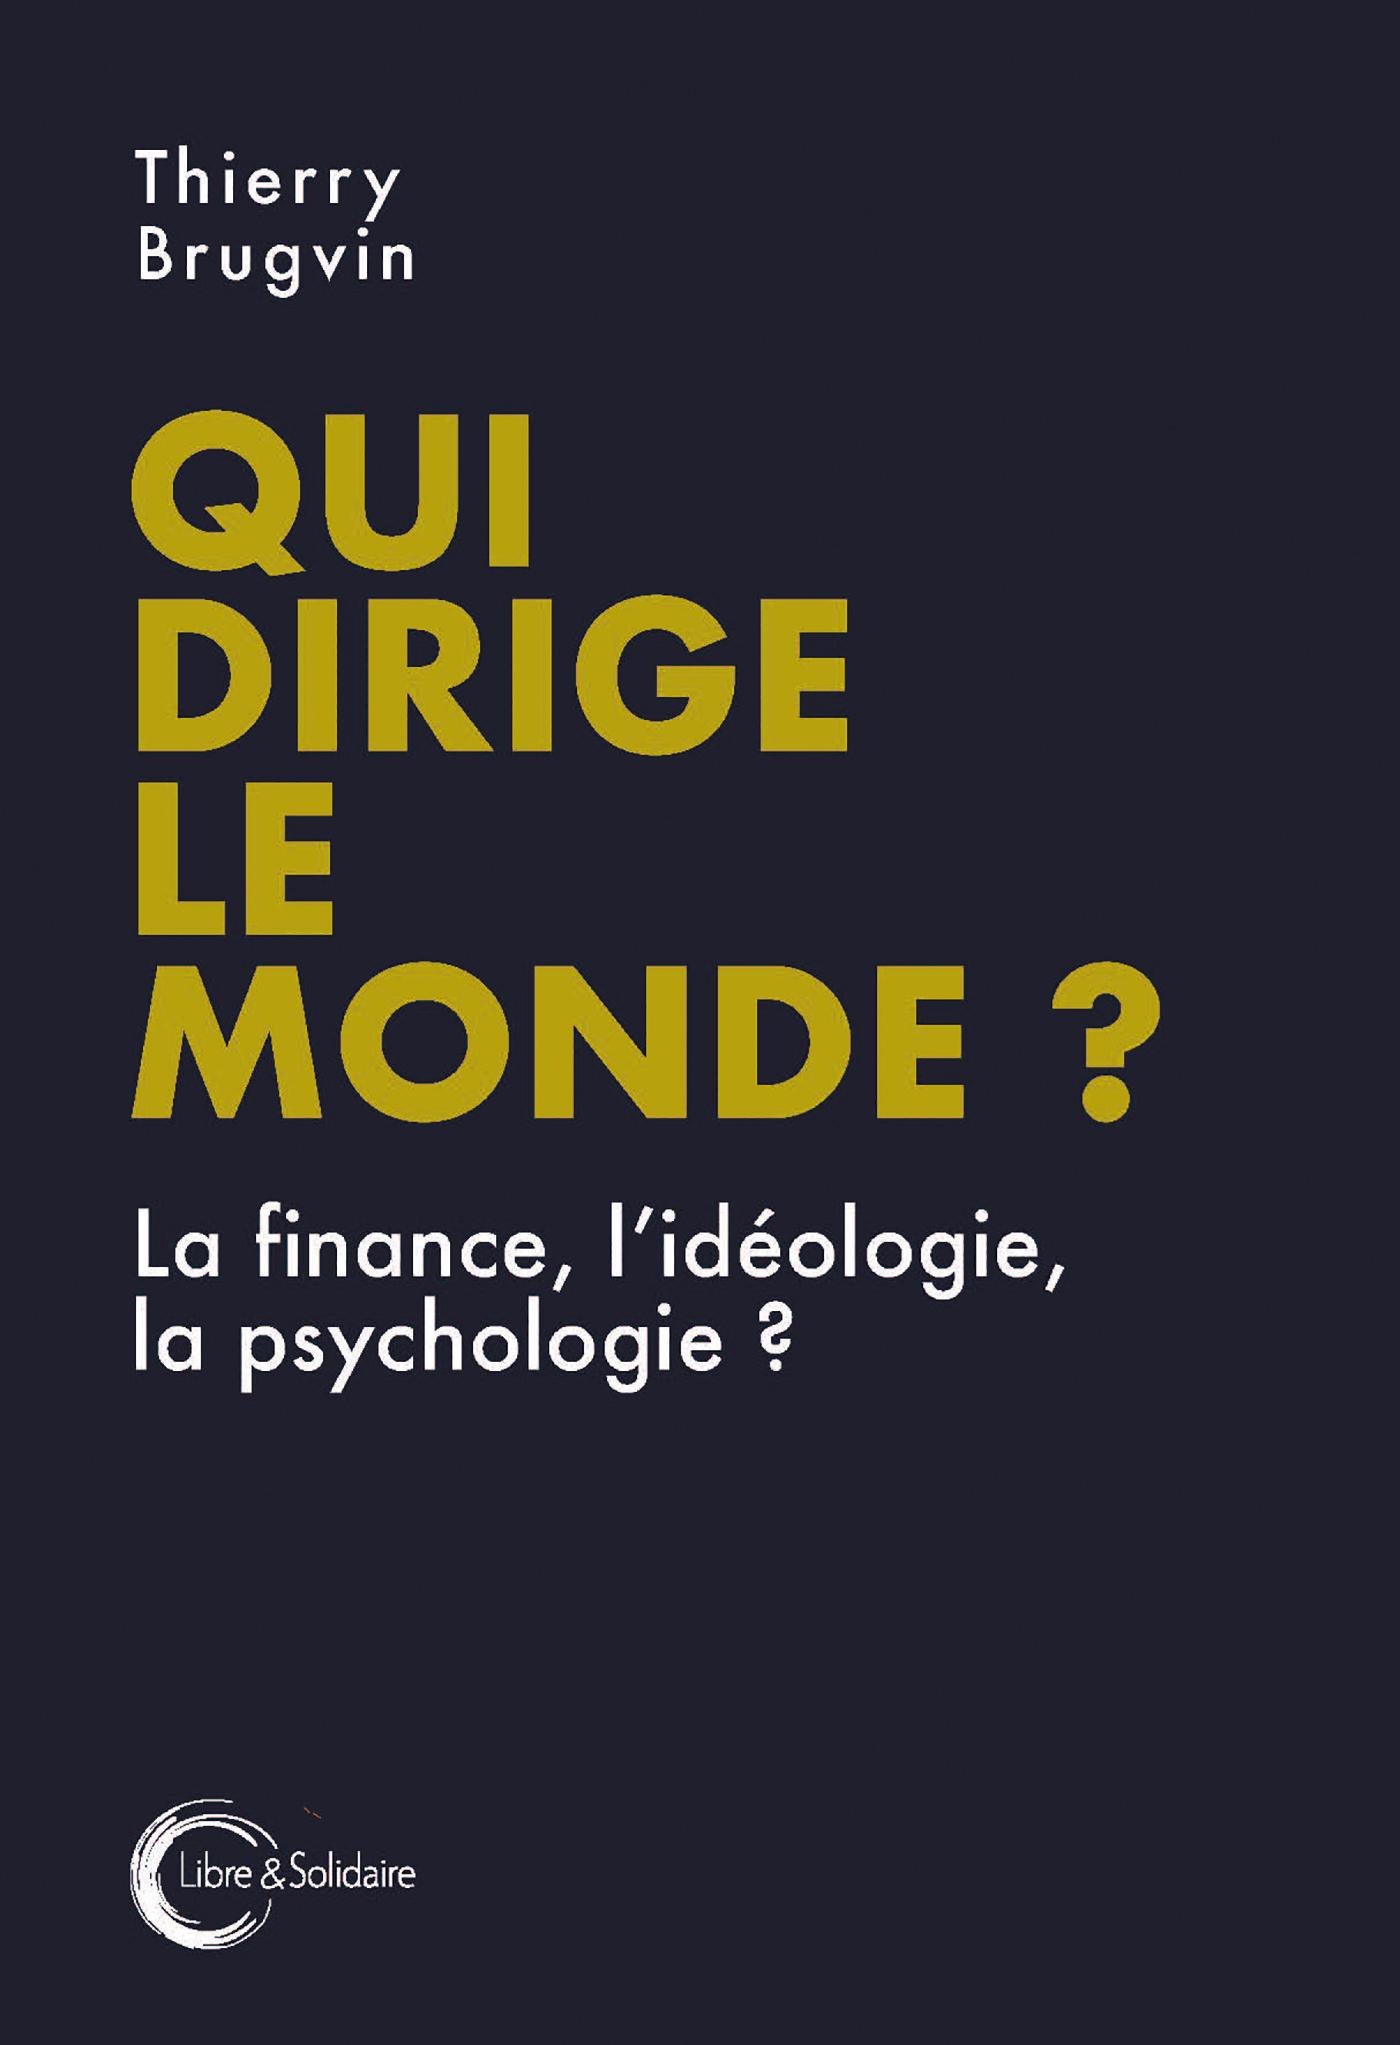 QUI DIRIGE LE MONDE ? - LA FINANCE, L'IDEOLOGIE, LA PSYCHOLOGIE ?